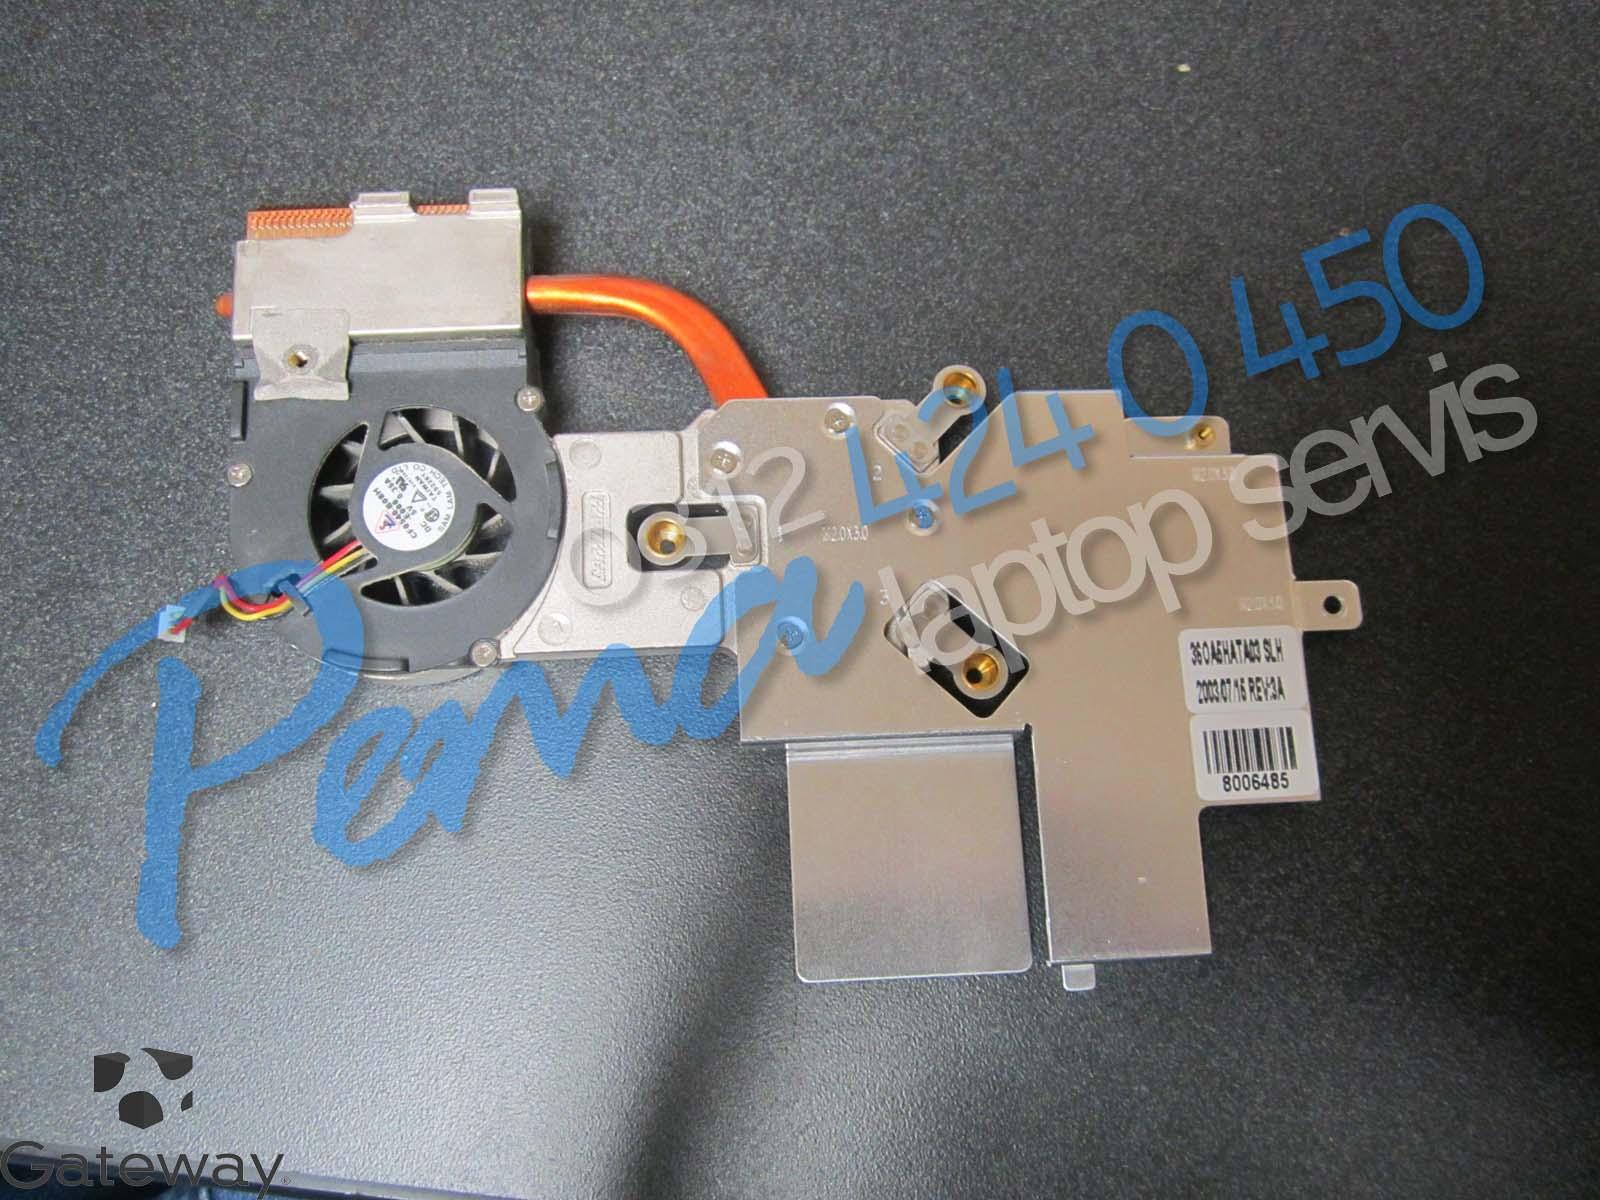 Gateway M305 fan